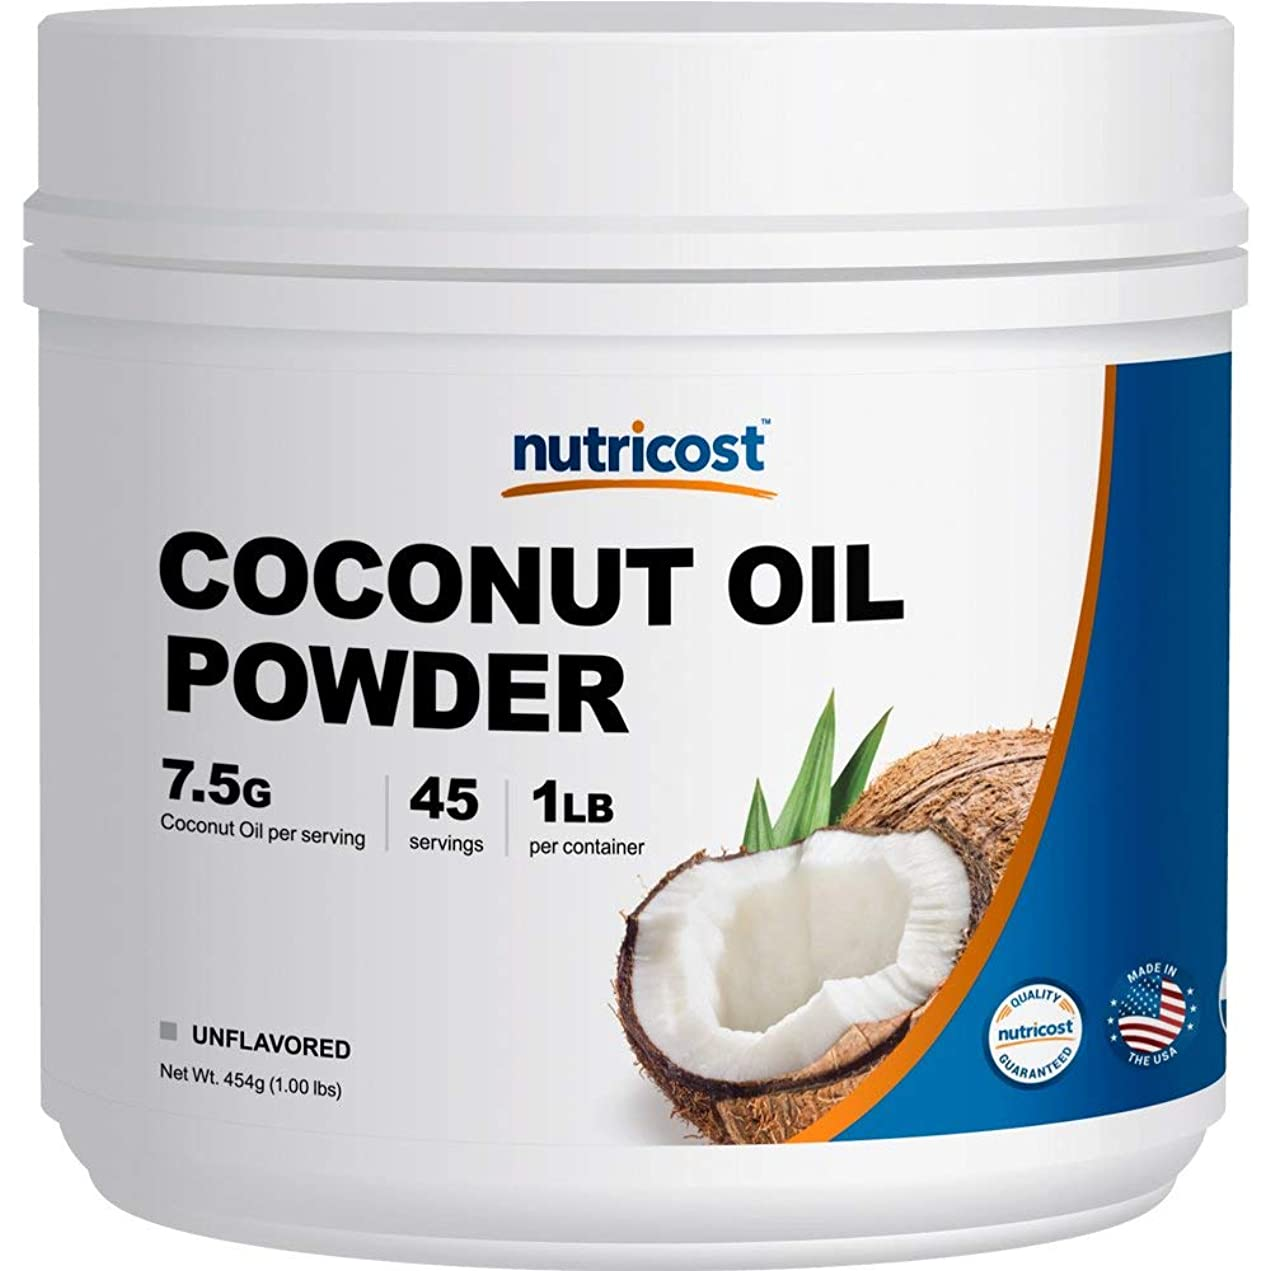 担当者ハードリング経歴Nutricost ココナッツオイルパウダー 1LB、45食分、非GMO、グルテンフリー